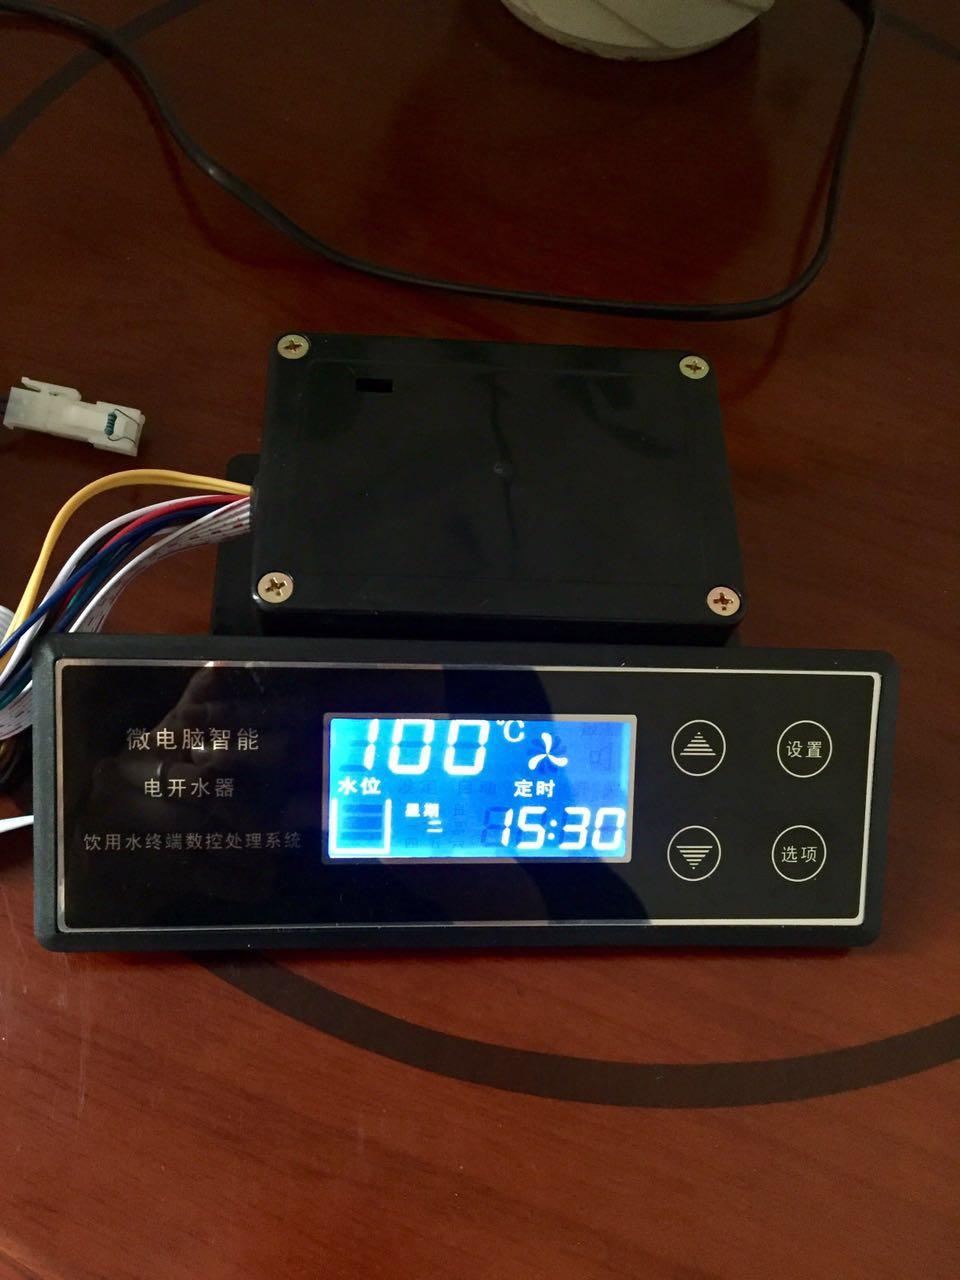 步进式开水器控制器。